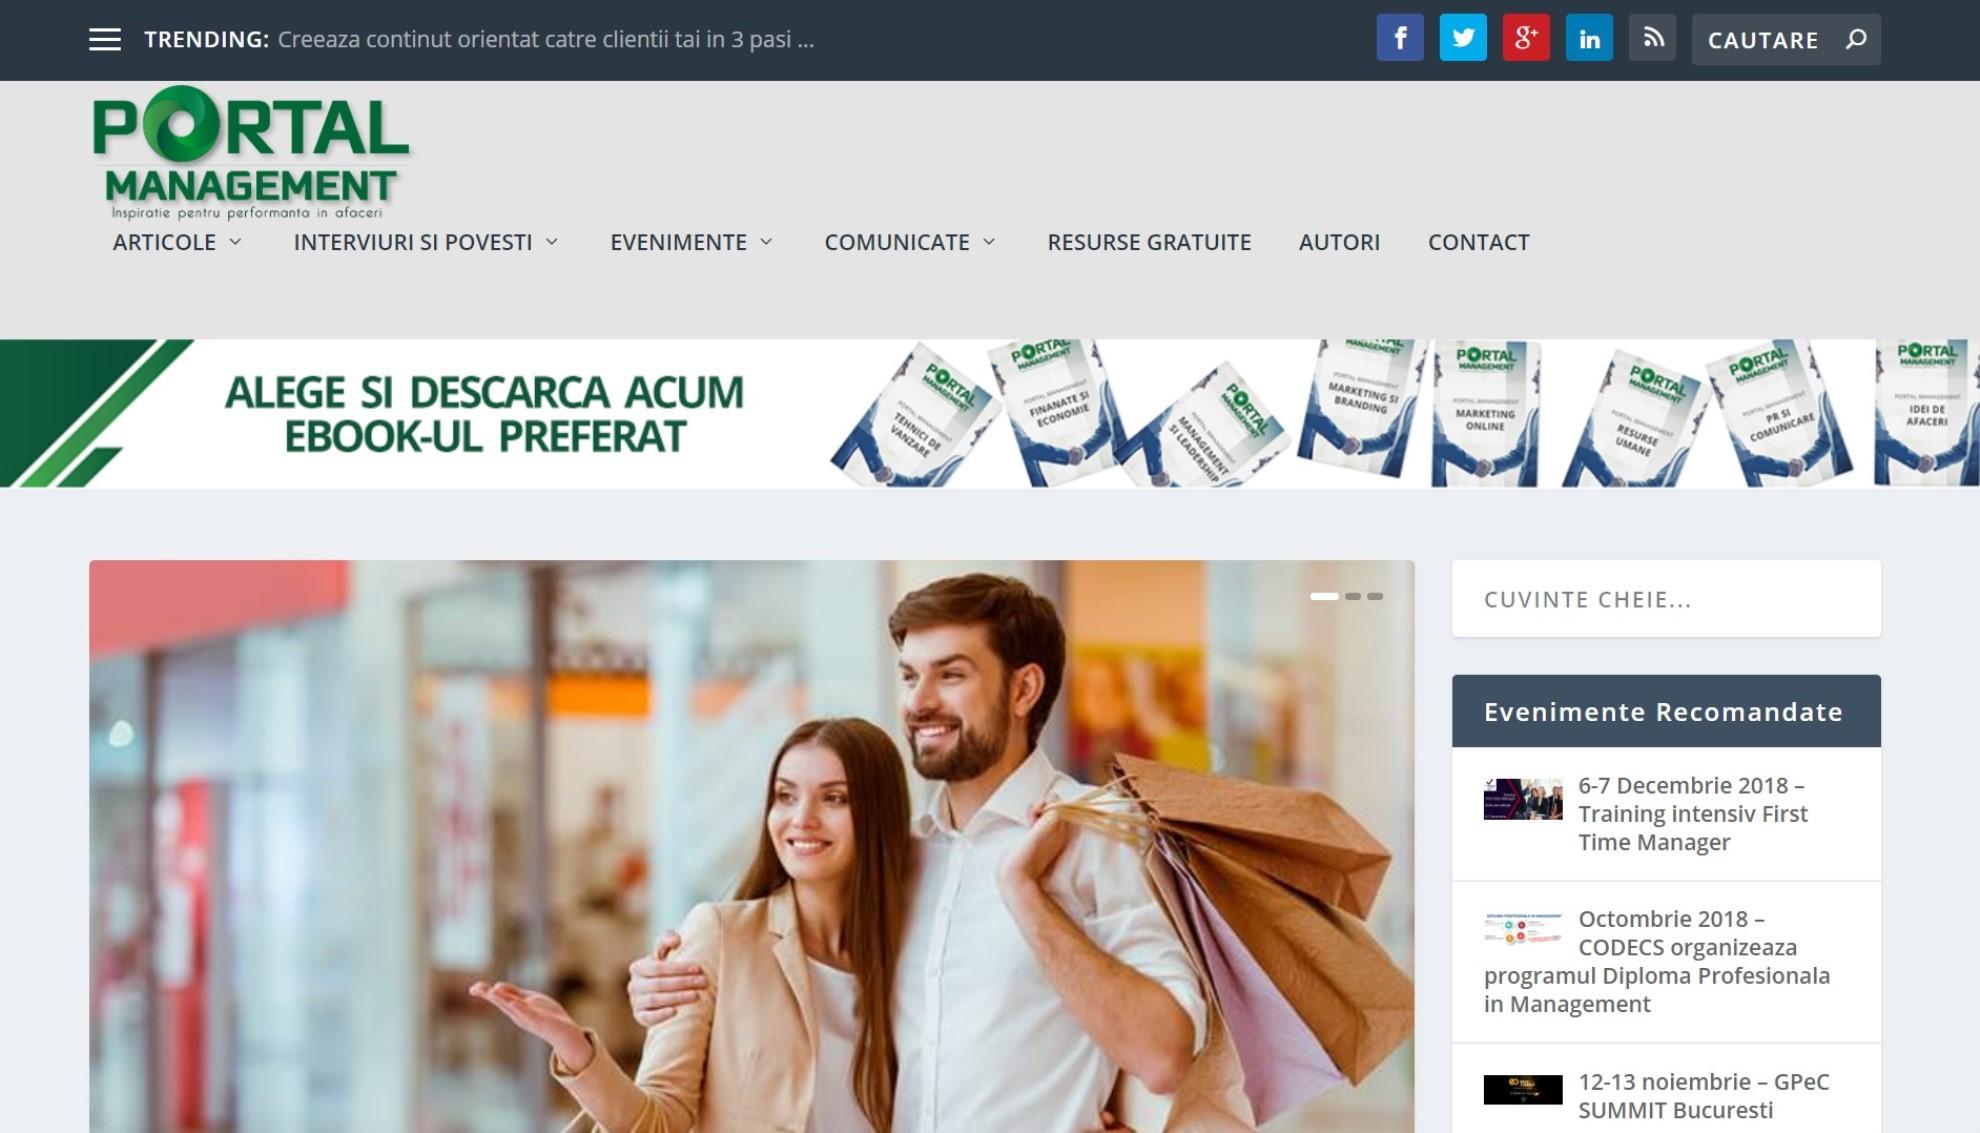 Portal Management - Dezvoltare personala pentru afaceri profitabile